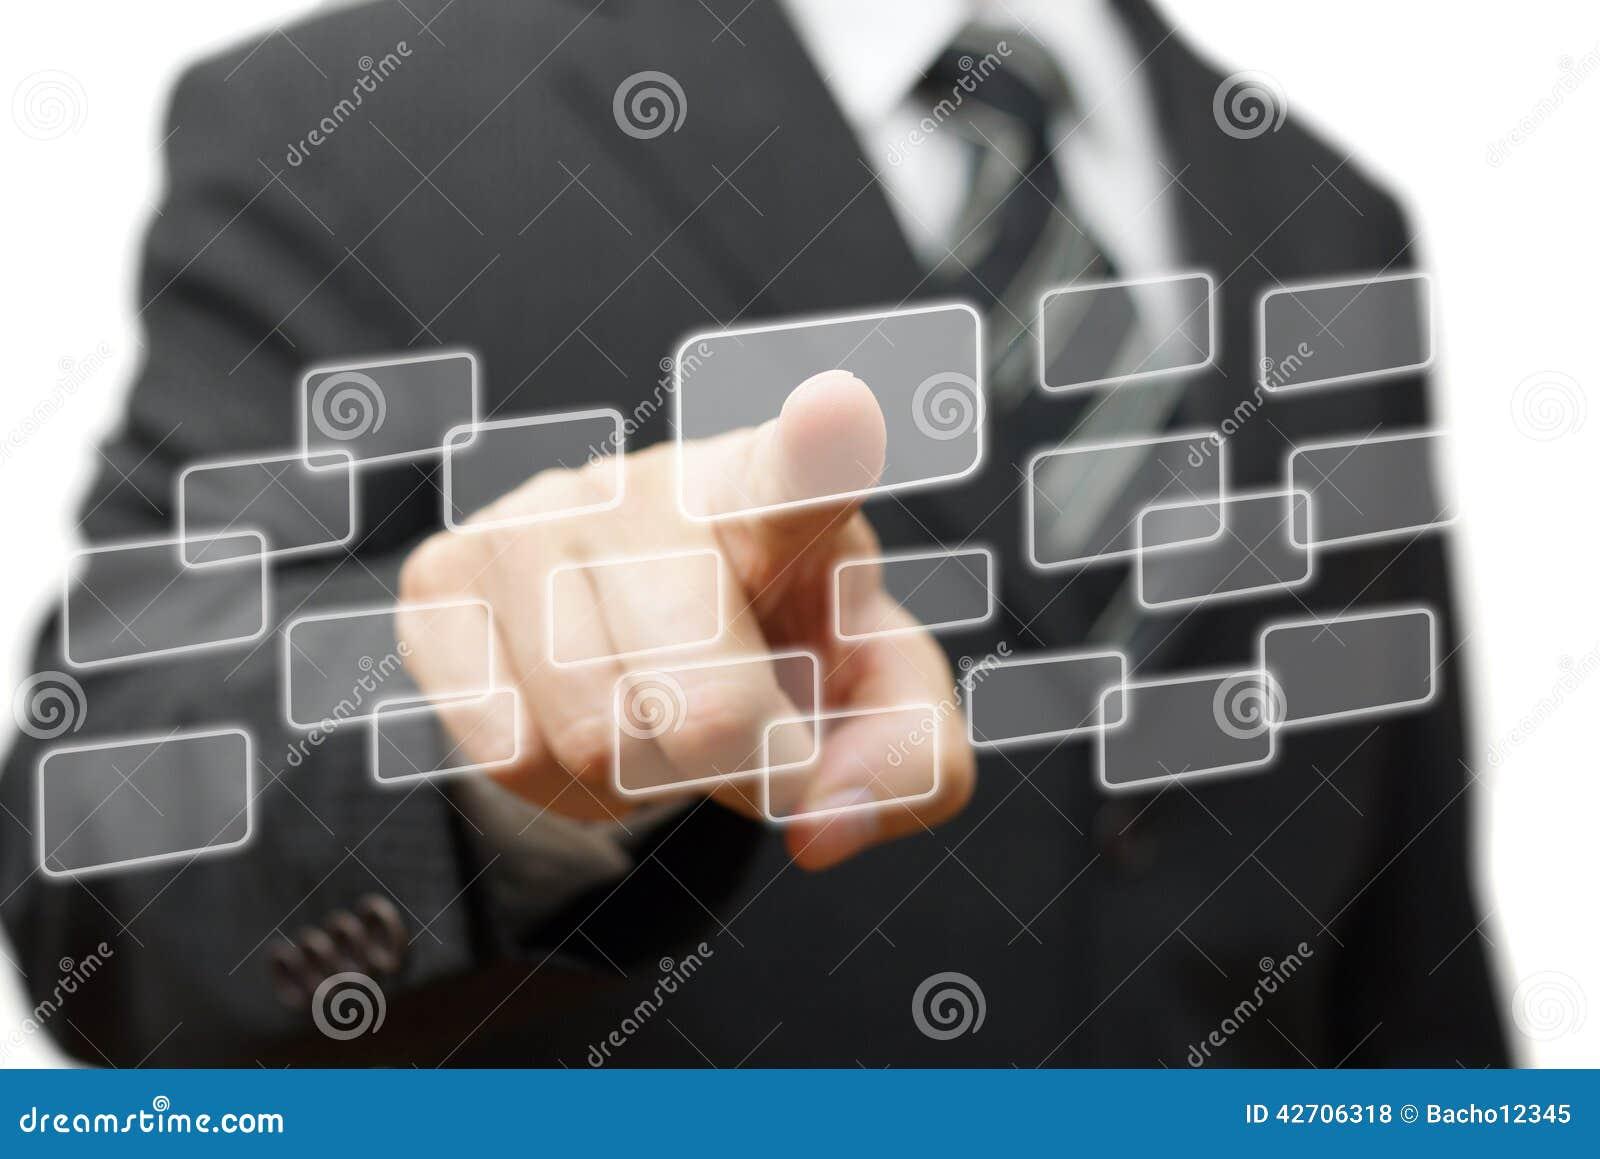 Trycka på för affärsmanknappar som är faktiskt Välja och teknologi Co